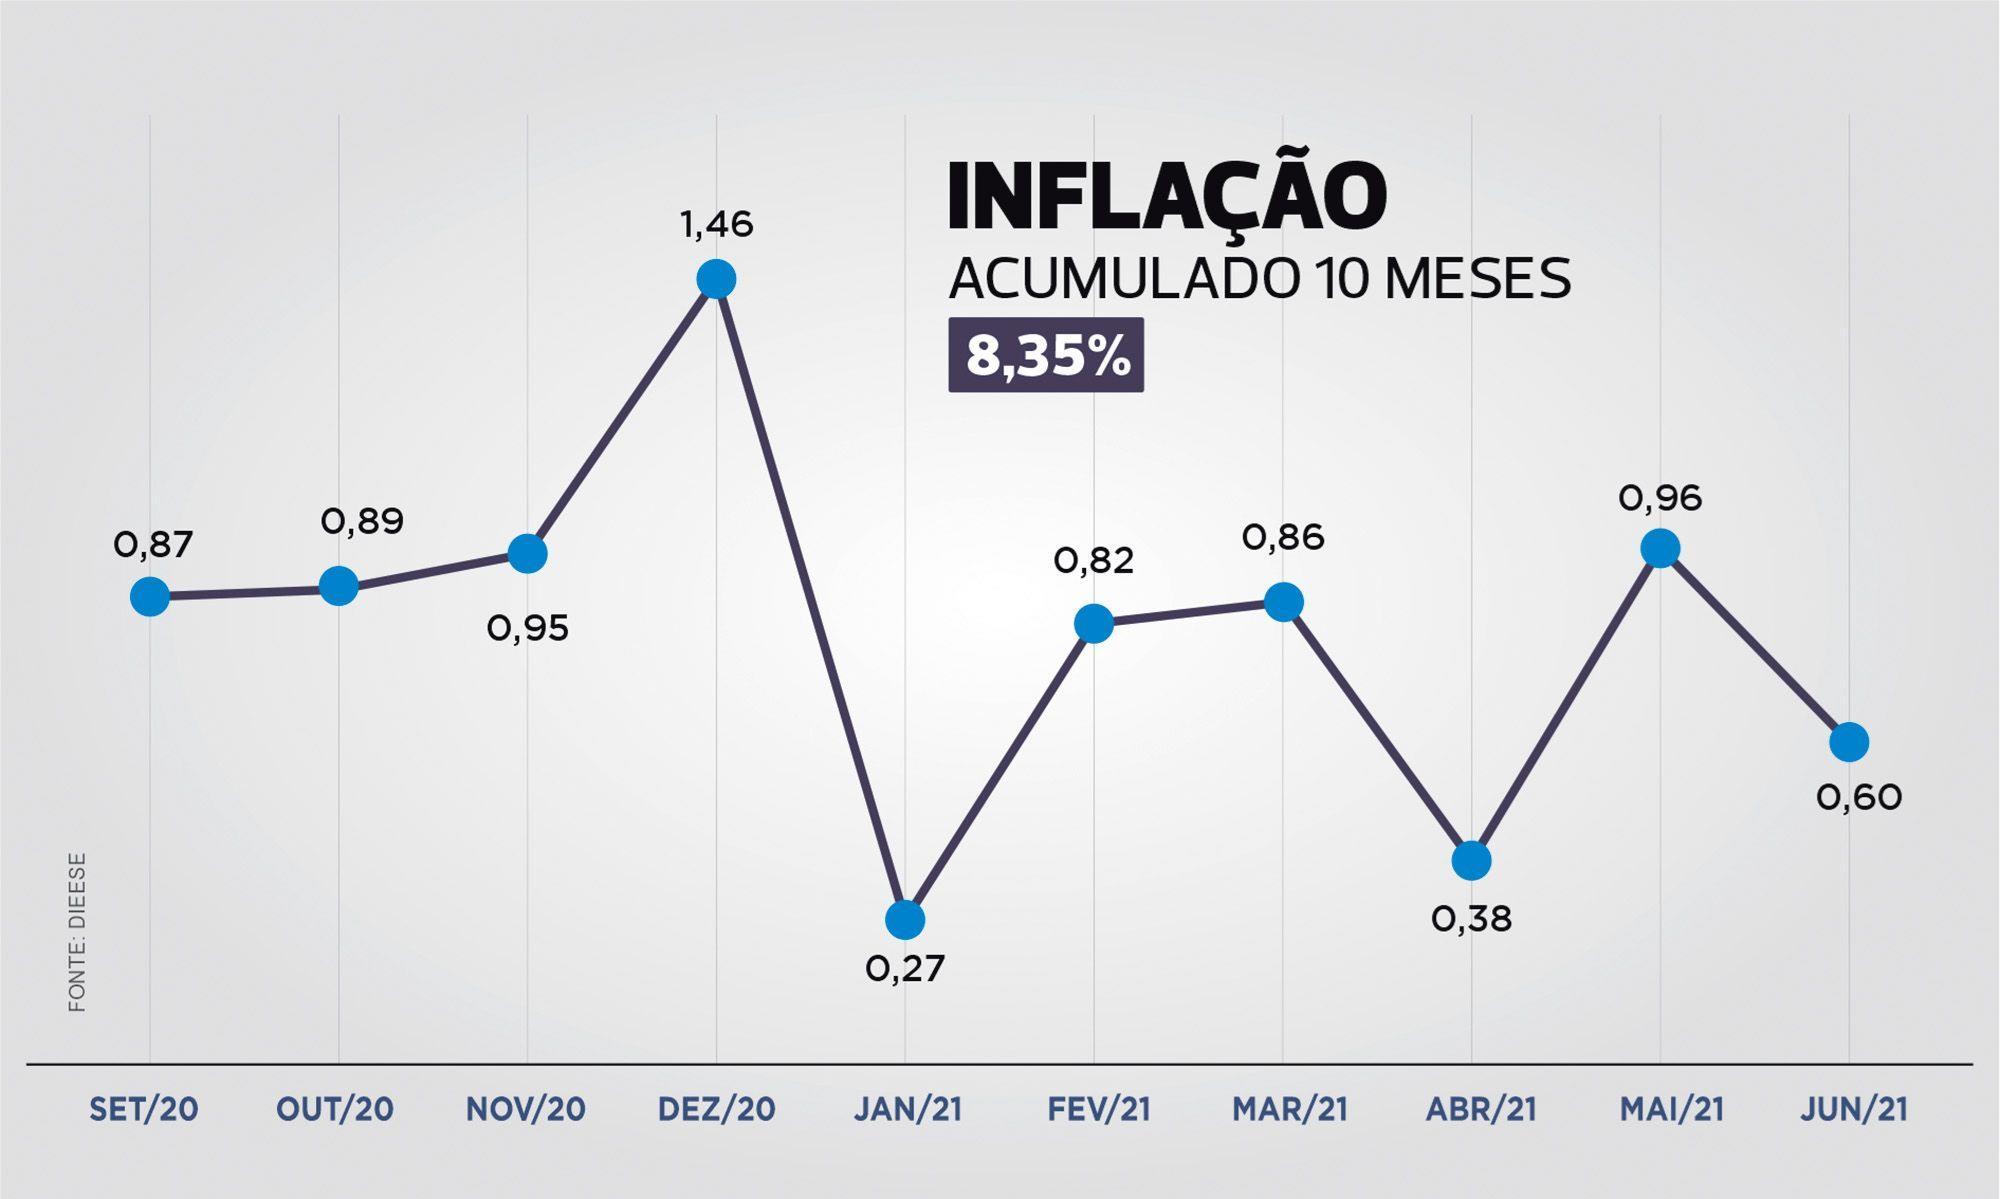 inflação, smetal, sindicato, inpc, sorocaba, data-base, , Arte: Cassio Freire / Dados: Dieese Metalúrgicos de Sorocaba